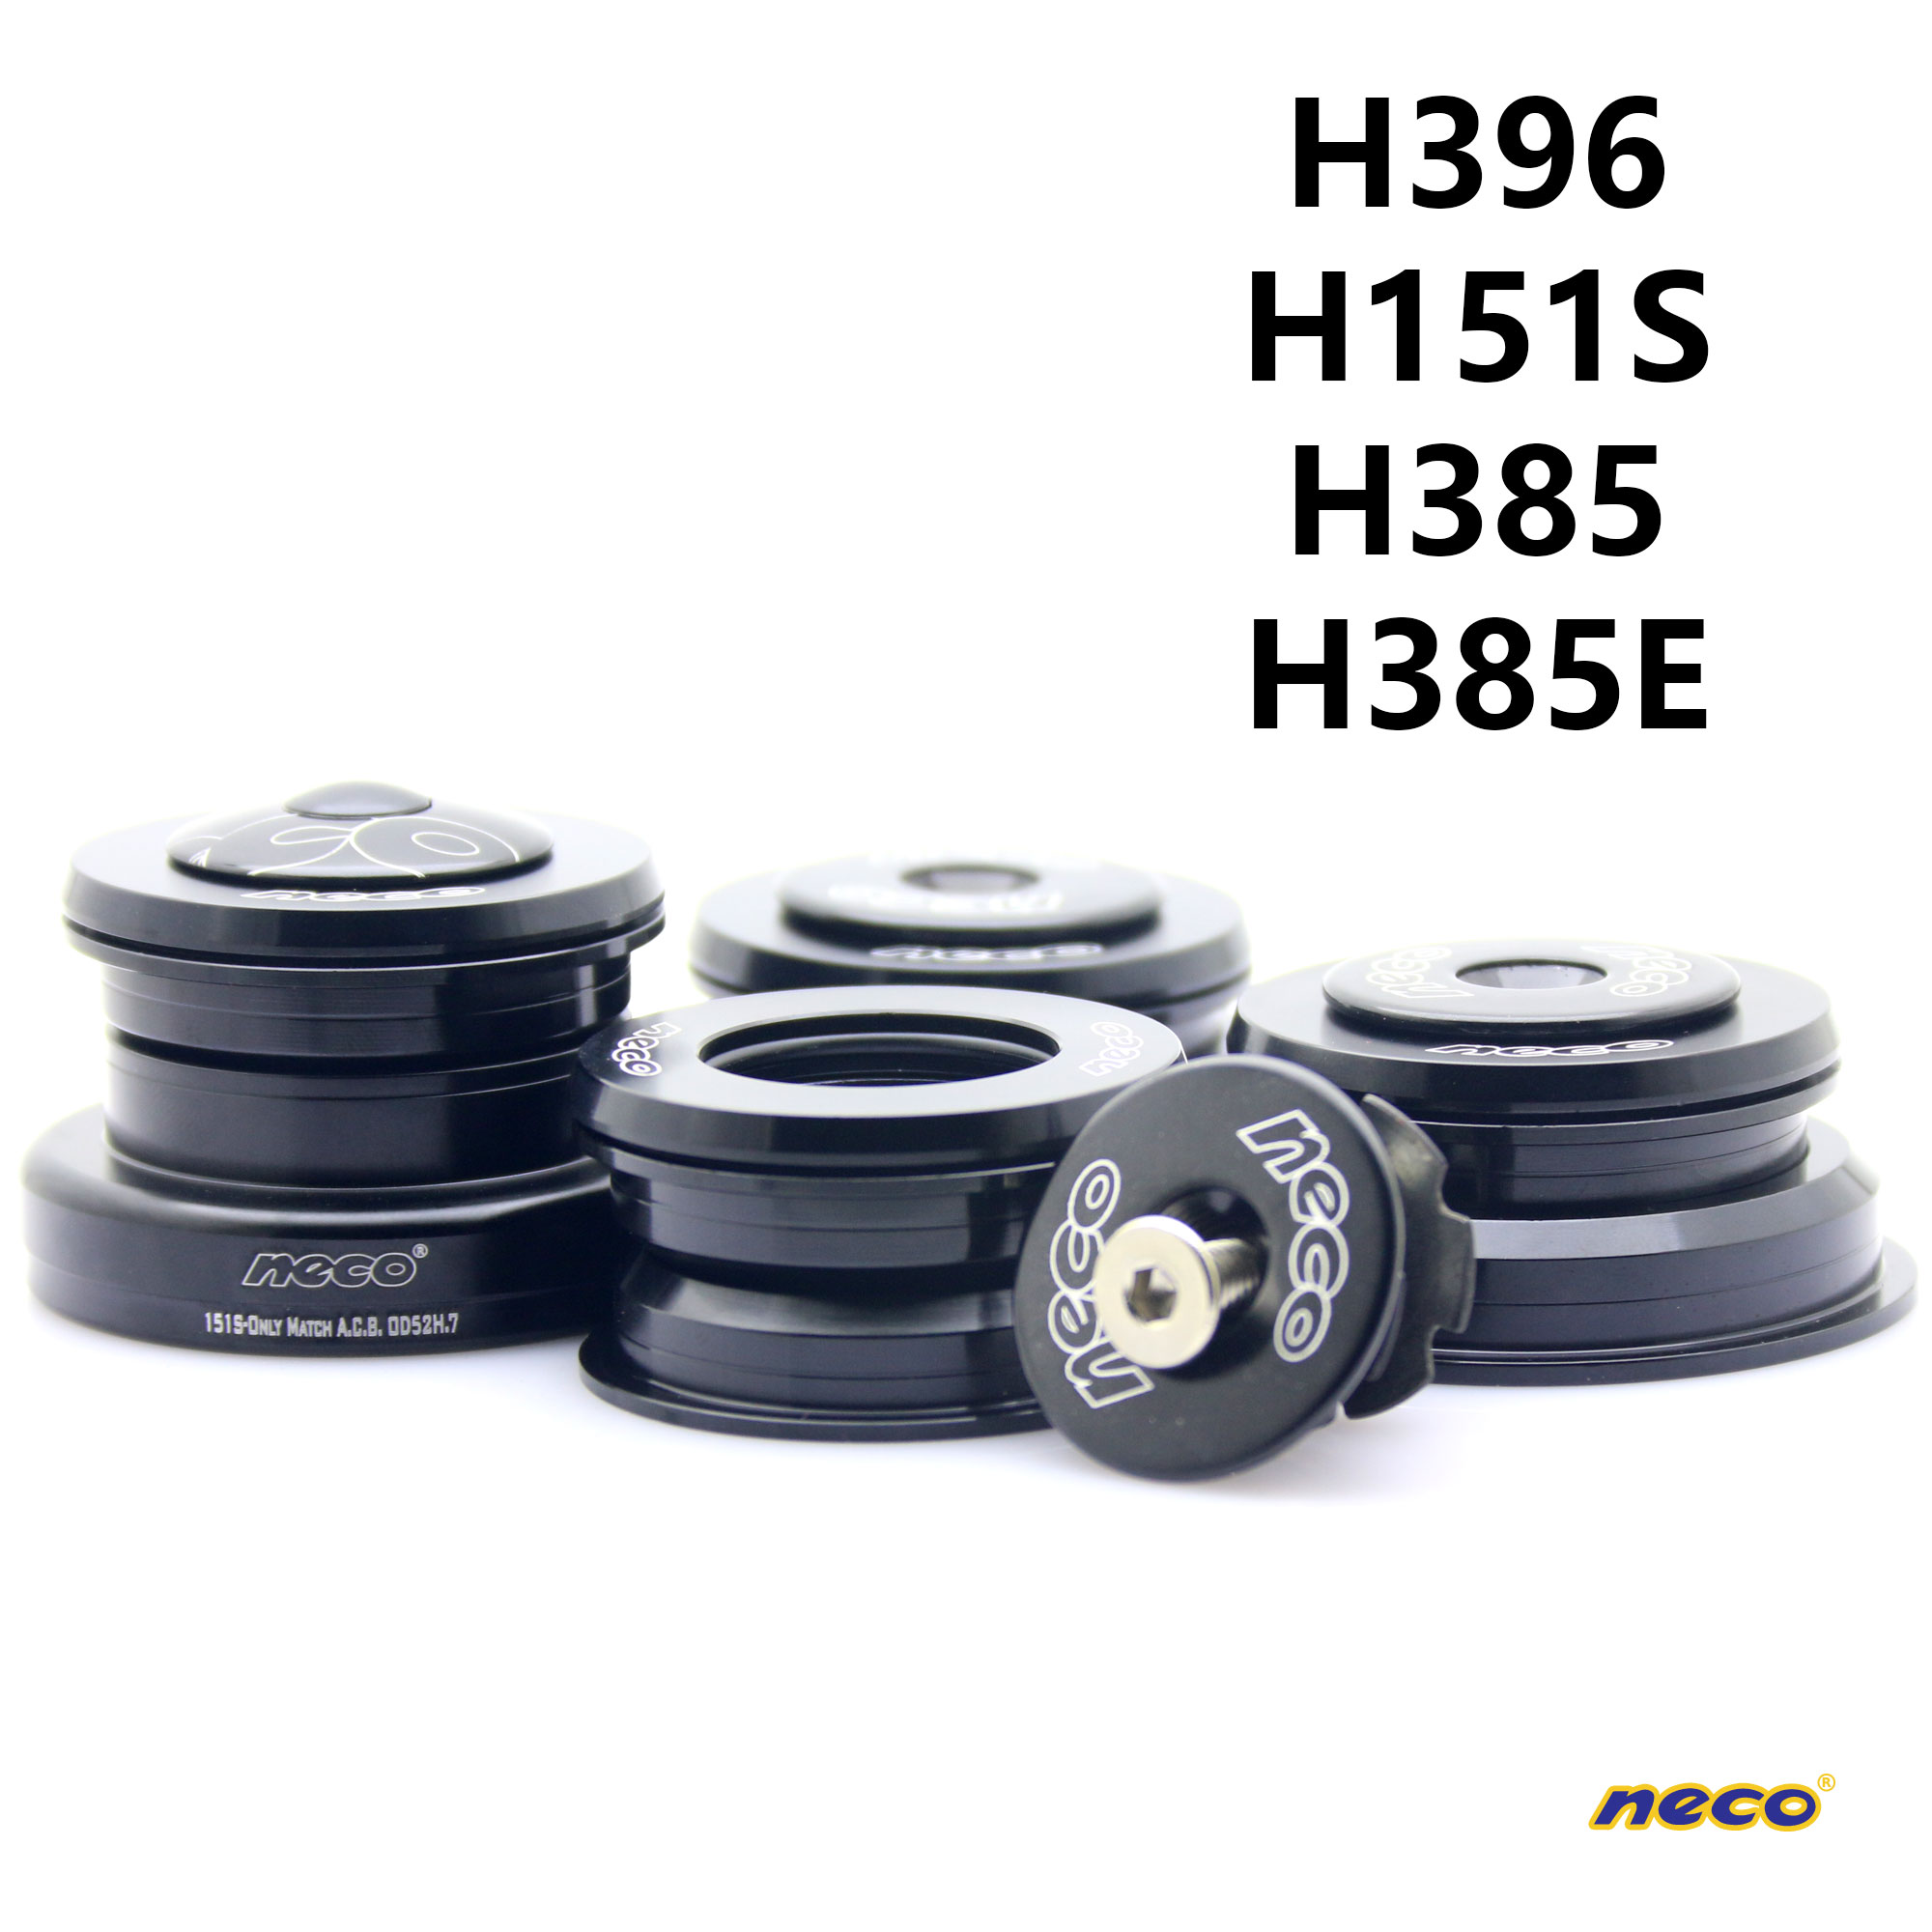 Zs44 ec44 zs55 zs56 bicicleta fone de ouvido mtb estrada bicicleta semi integrado sem rosca bearing39.8mm 1 1/8 1 1/2 afilado 1. garfo reto